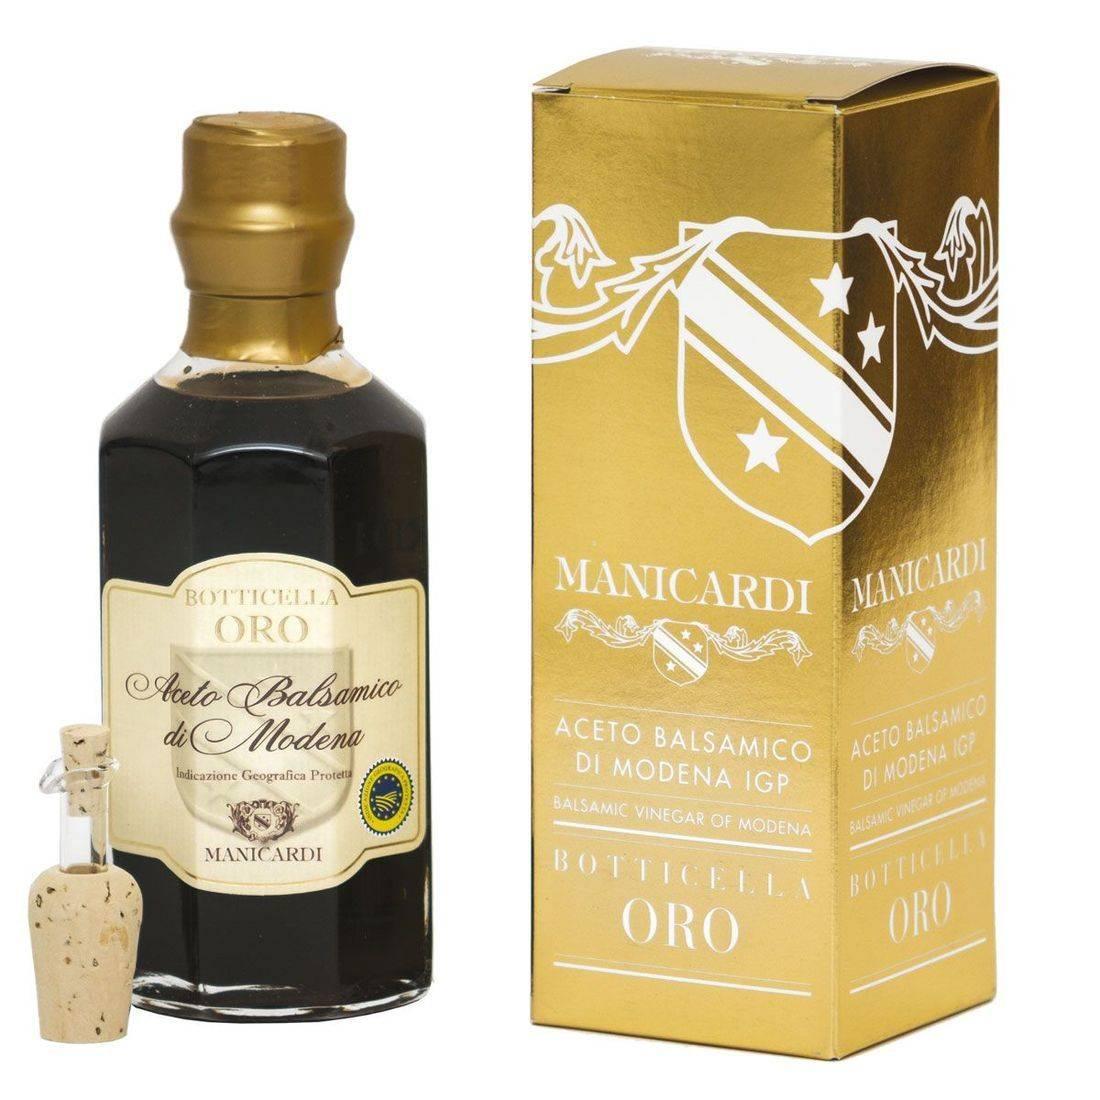 Aceto Balsamico, Botticella Oro,Manicardi,Aceto Balsamico di Modena